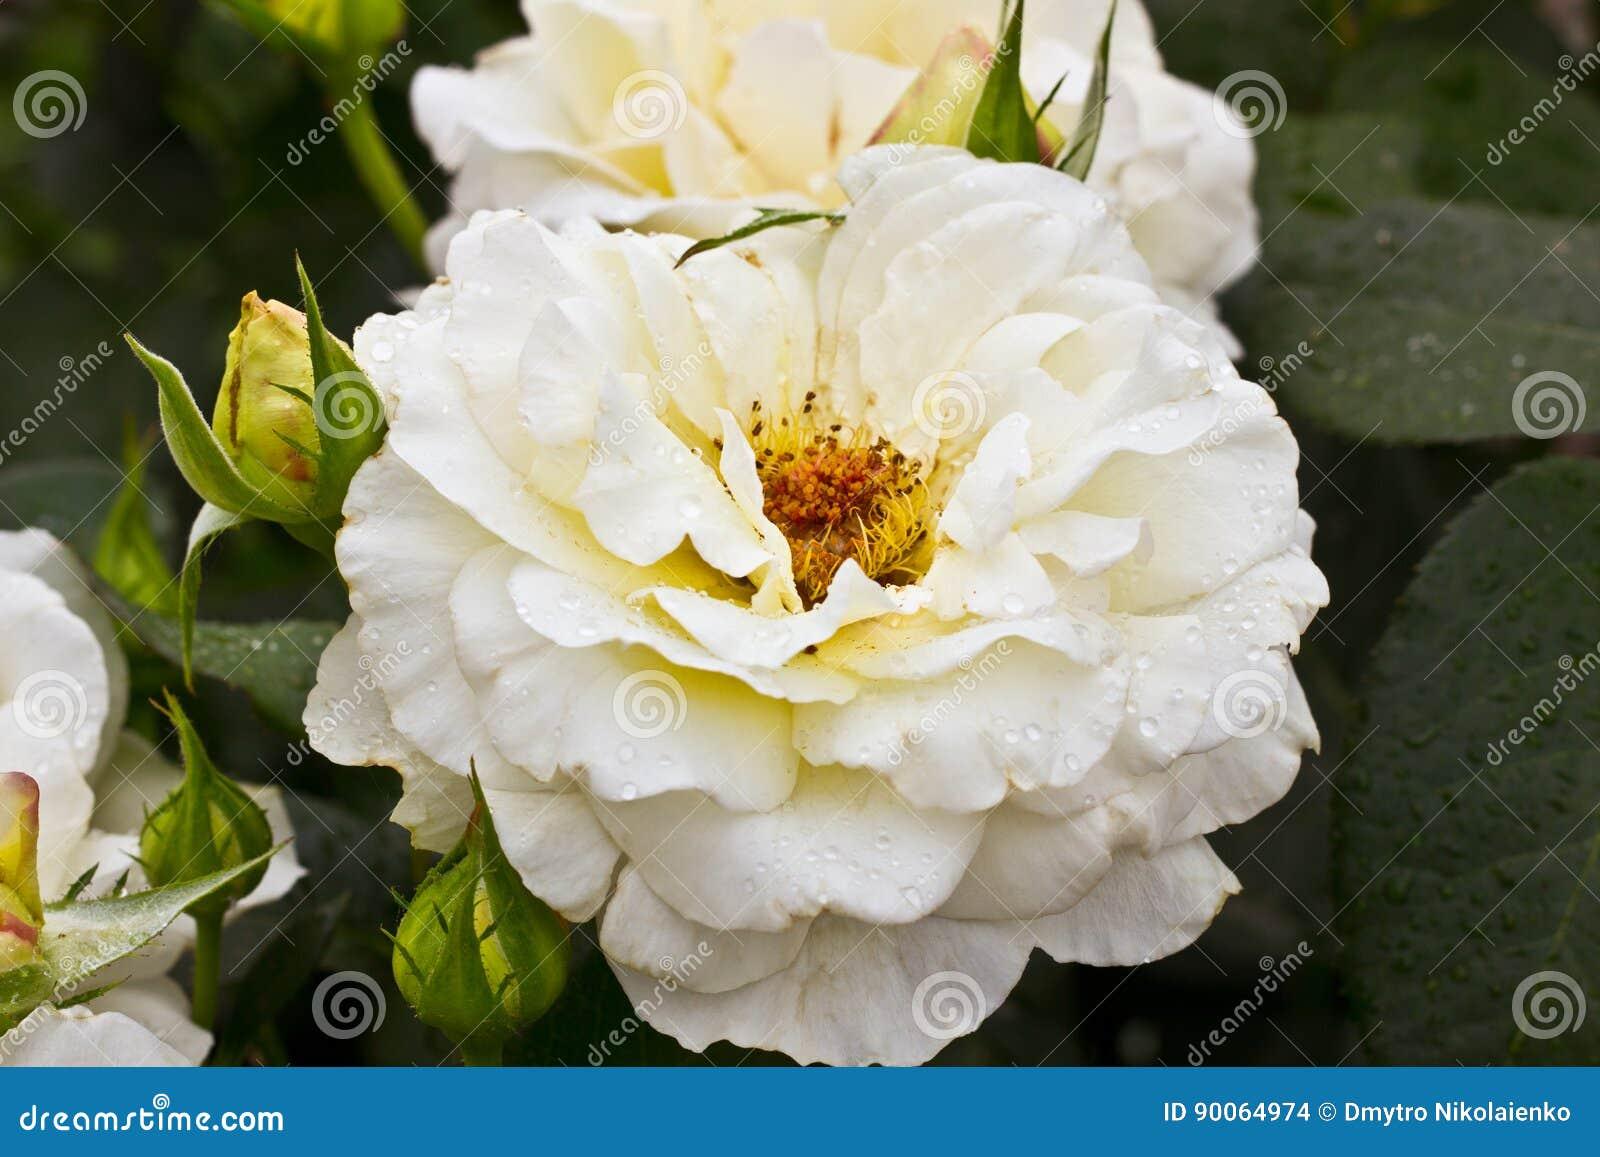 Όμορφο άσπρο λουλούδι Άσπρος ροδαλός θάμνος Οριζόντιο υπόβαθρο τέχνης θερινών λουλουδιών Διάστημα στο υπόβαθρο για το αντίγραφο,